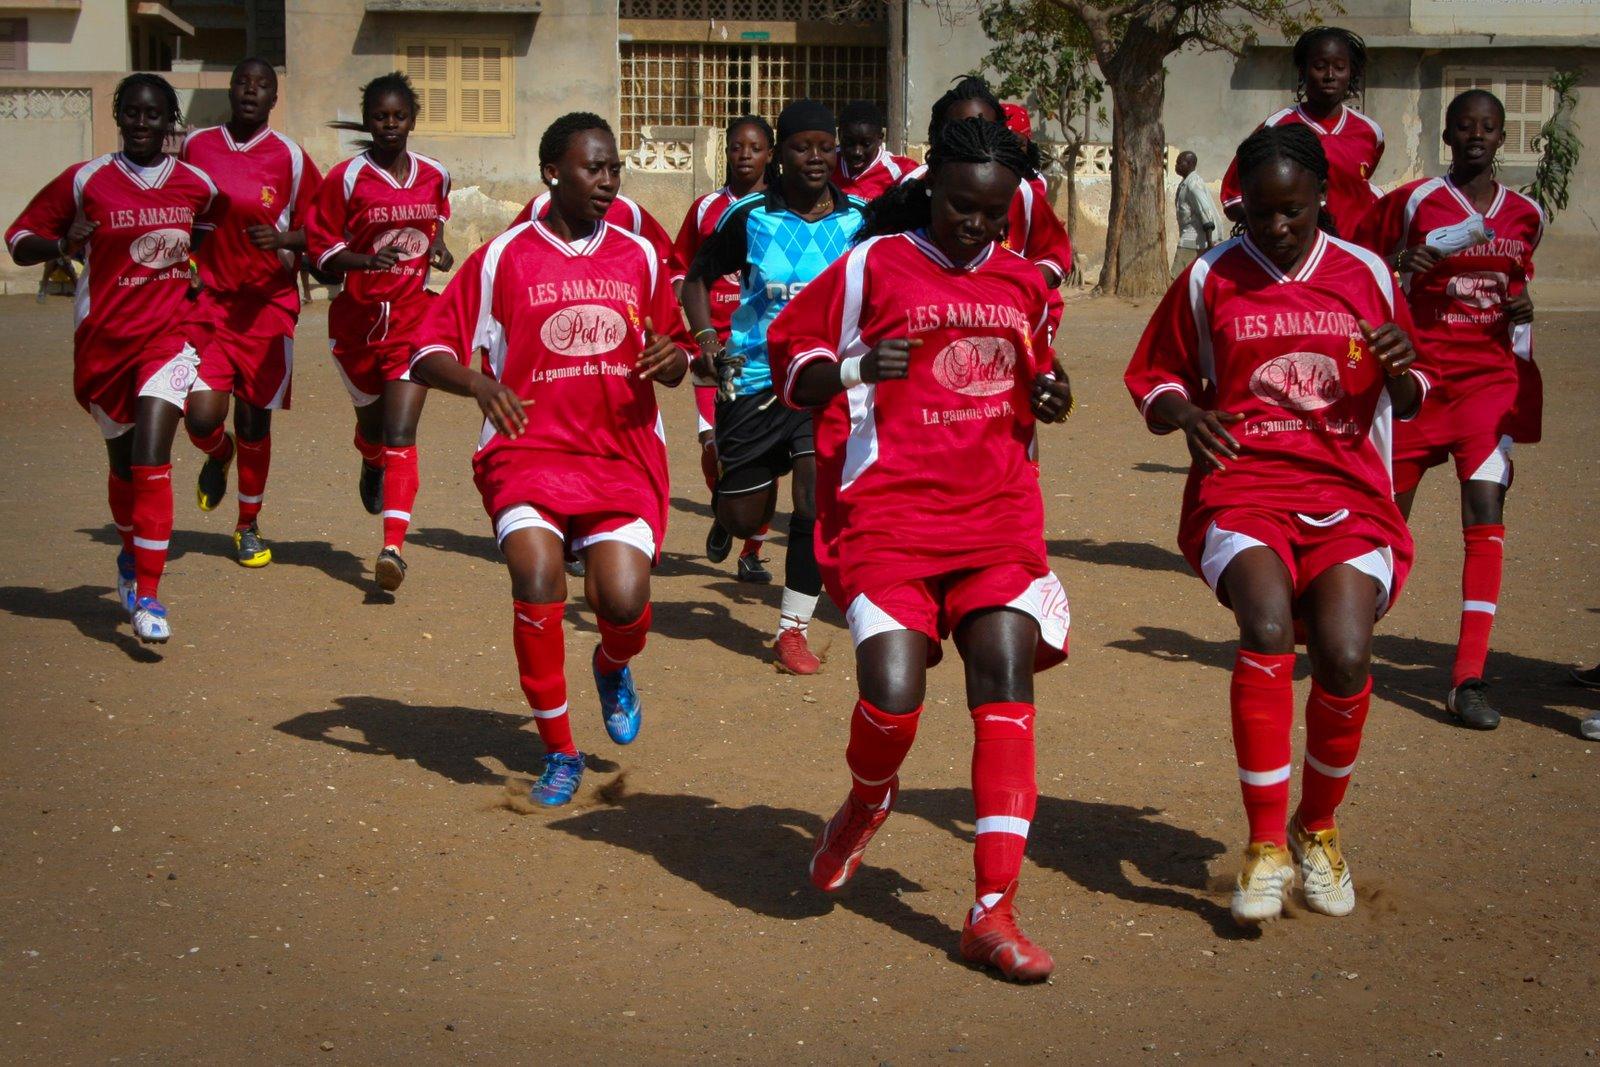 Women's Senegalese soccer team